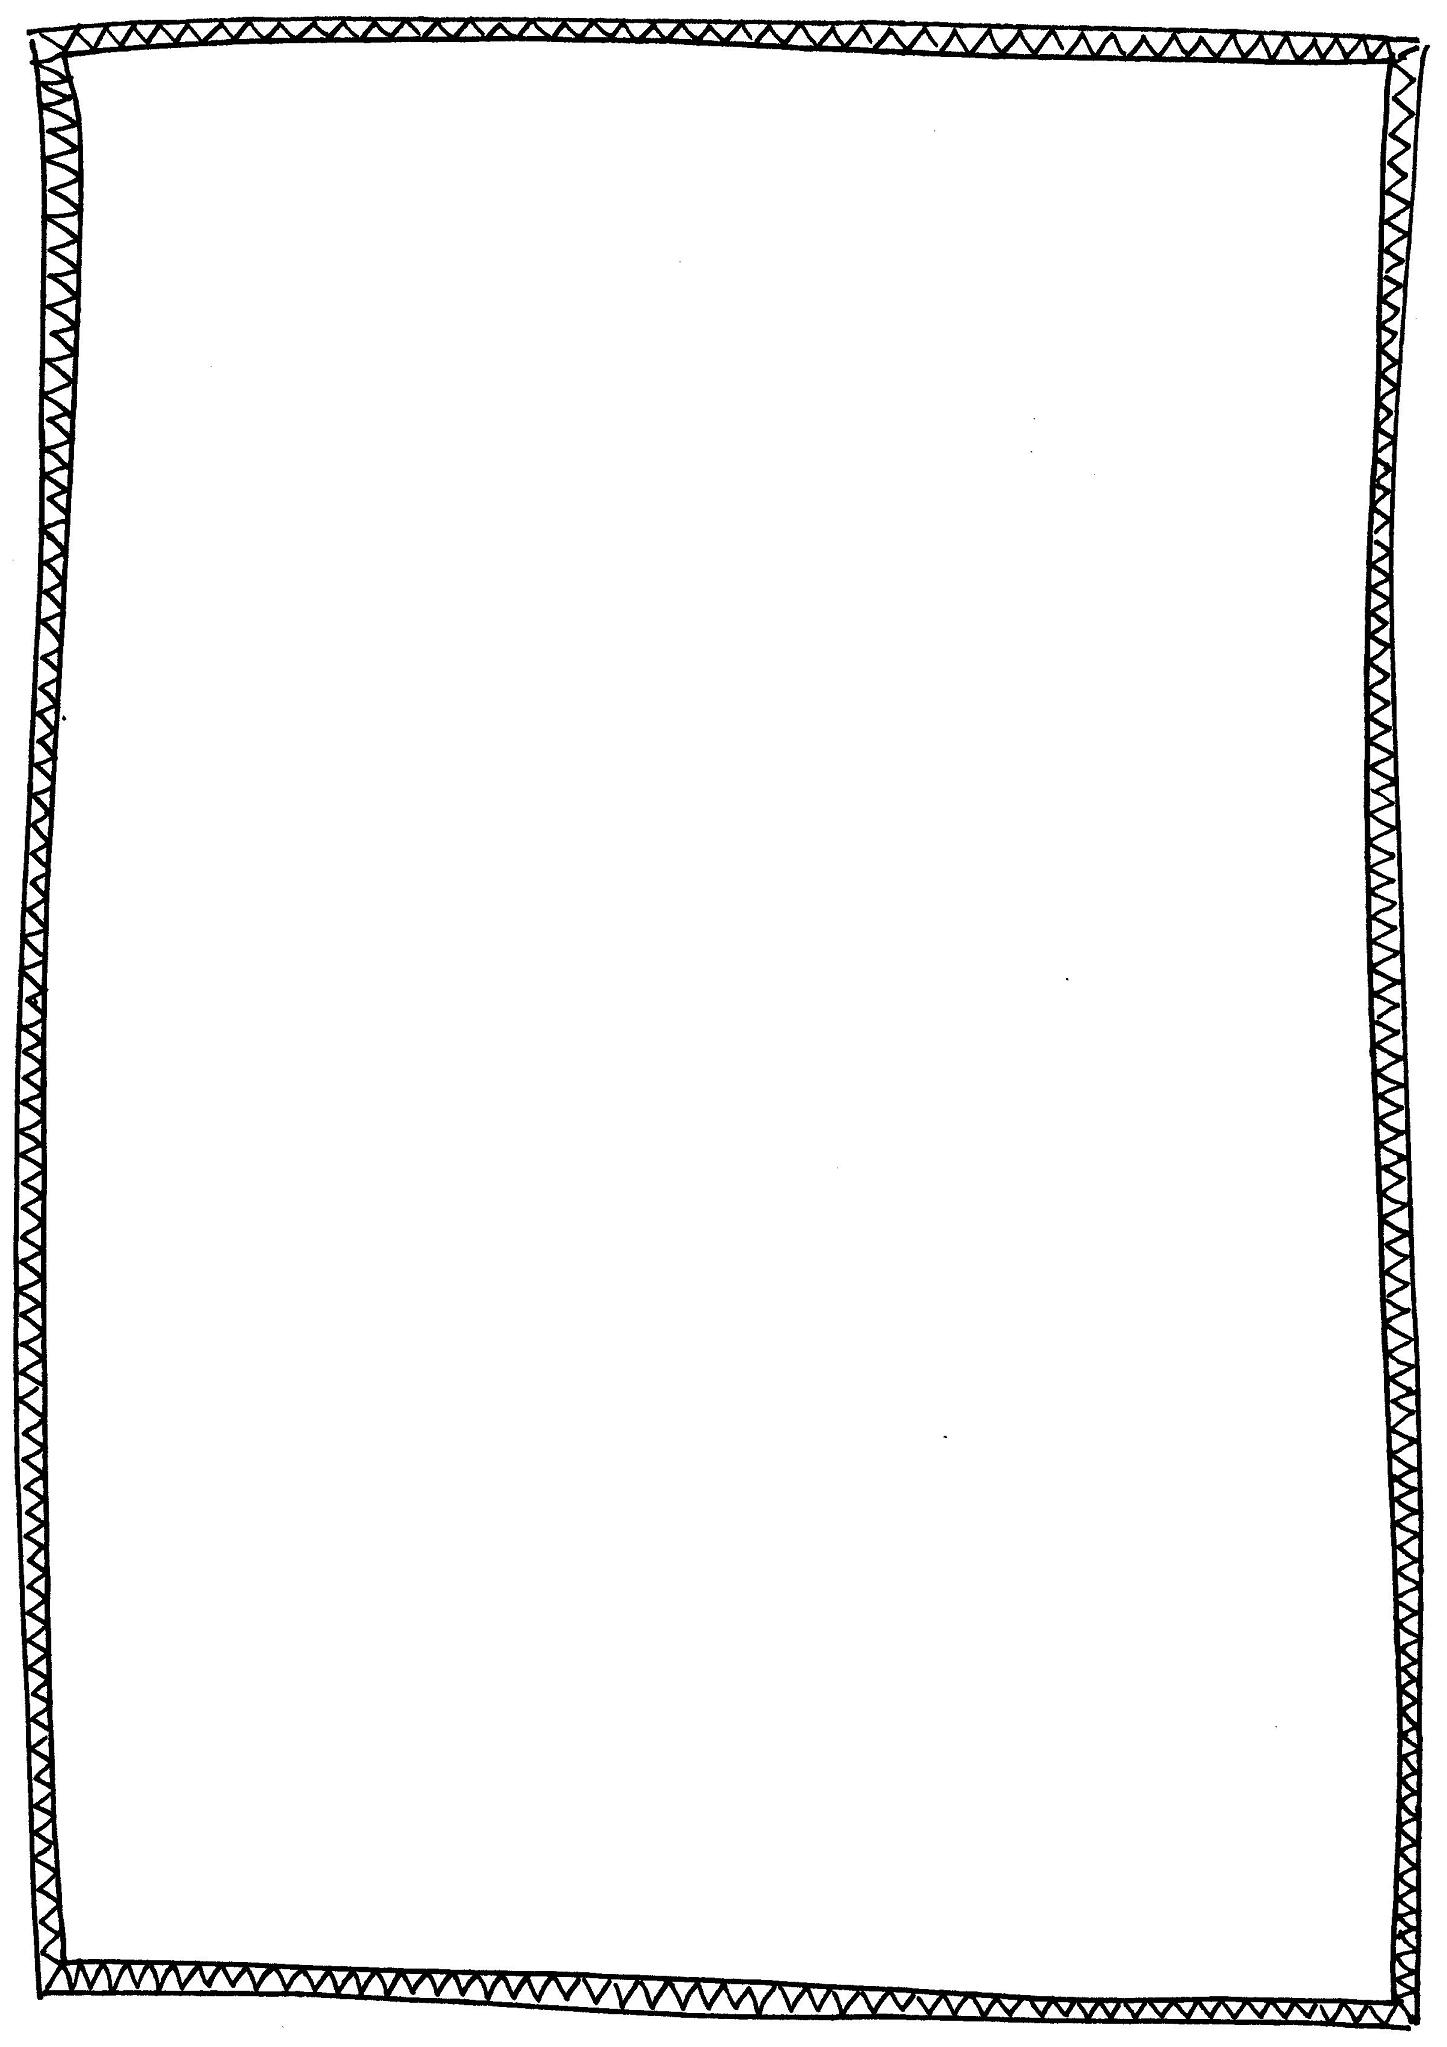 Attractif cadres et bordures - libre de droit …   שלטים ומסגרות   Pinterest  WE34